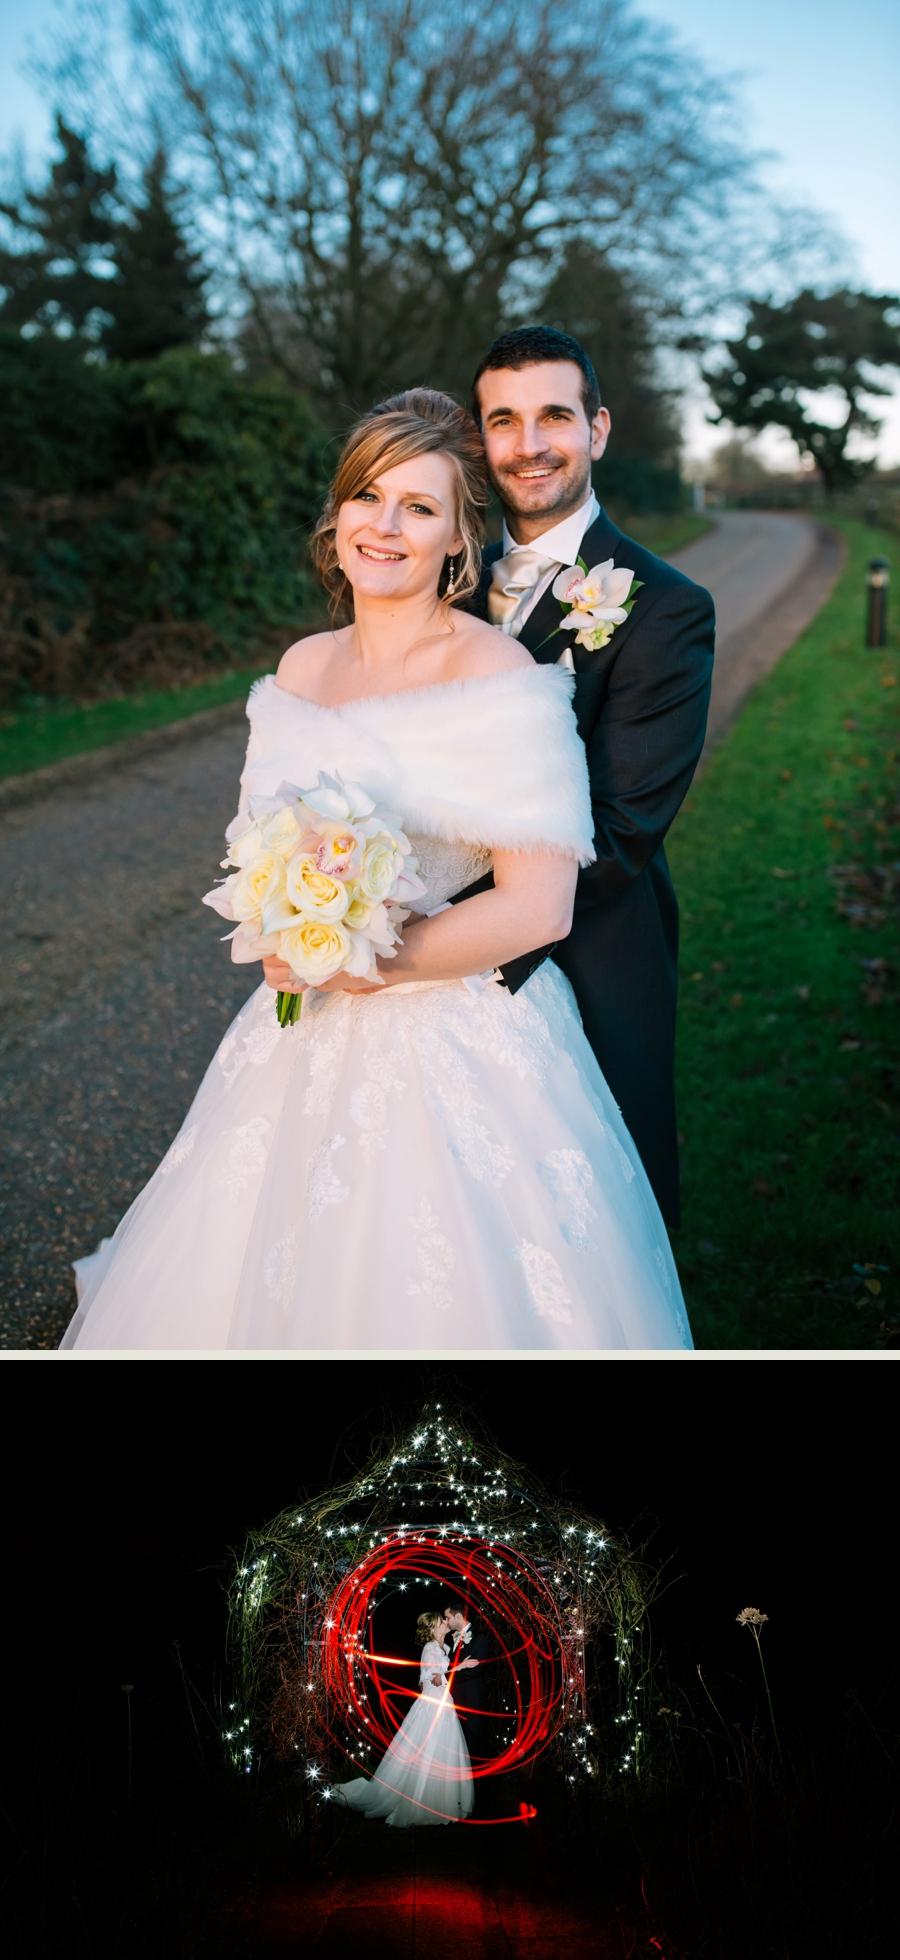 Sophie and Paul Gaynes Park Sneak Peek 01